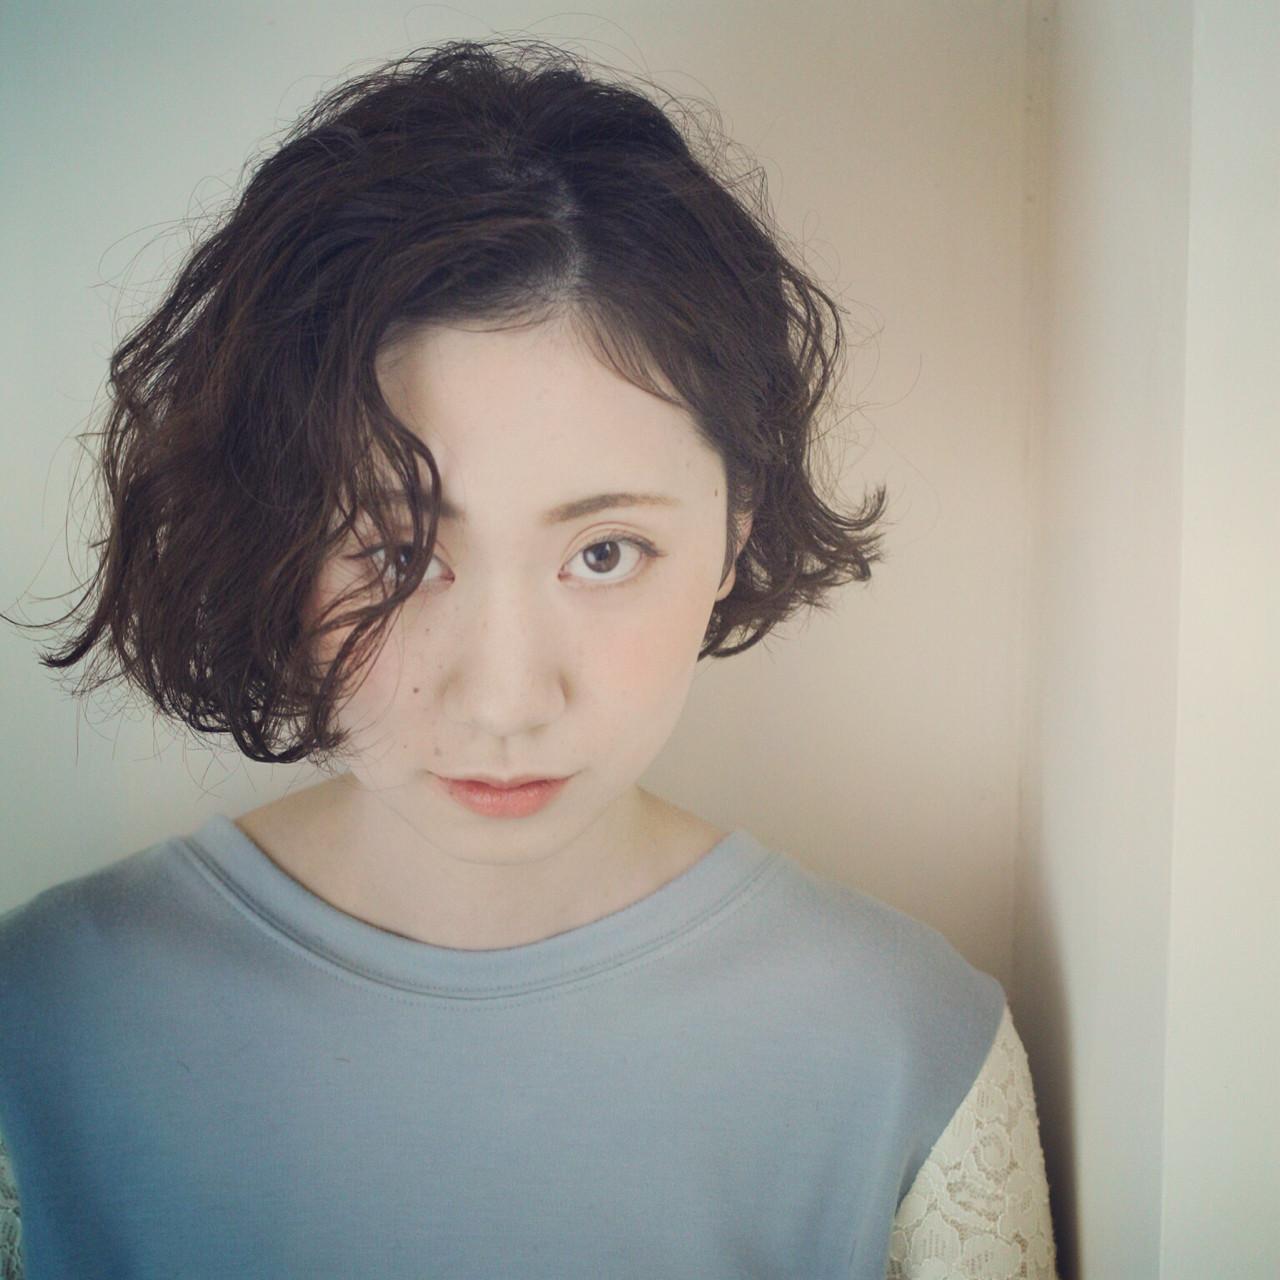 ヘアアレンジ ピュア ナチュラル 色気 ヘアスタイルや髪型の写真・画像 | コバヤシ アキラ / UNI